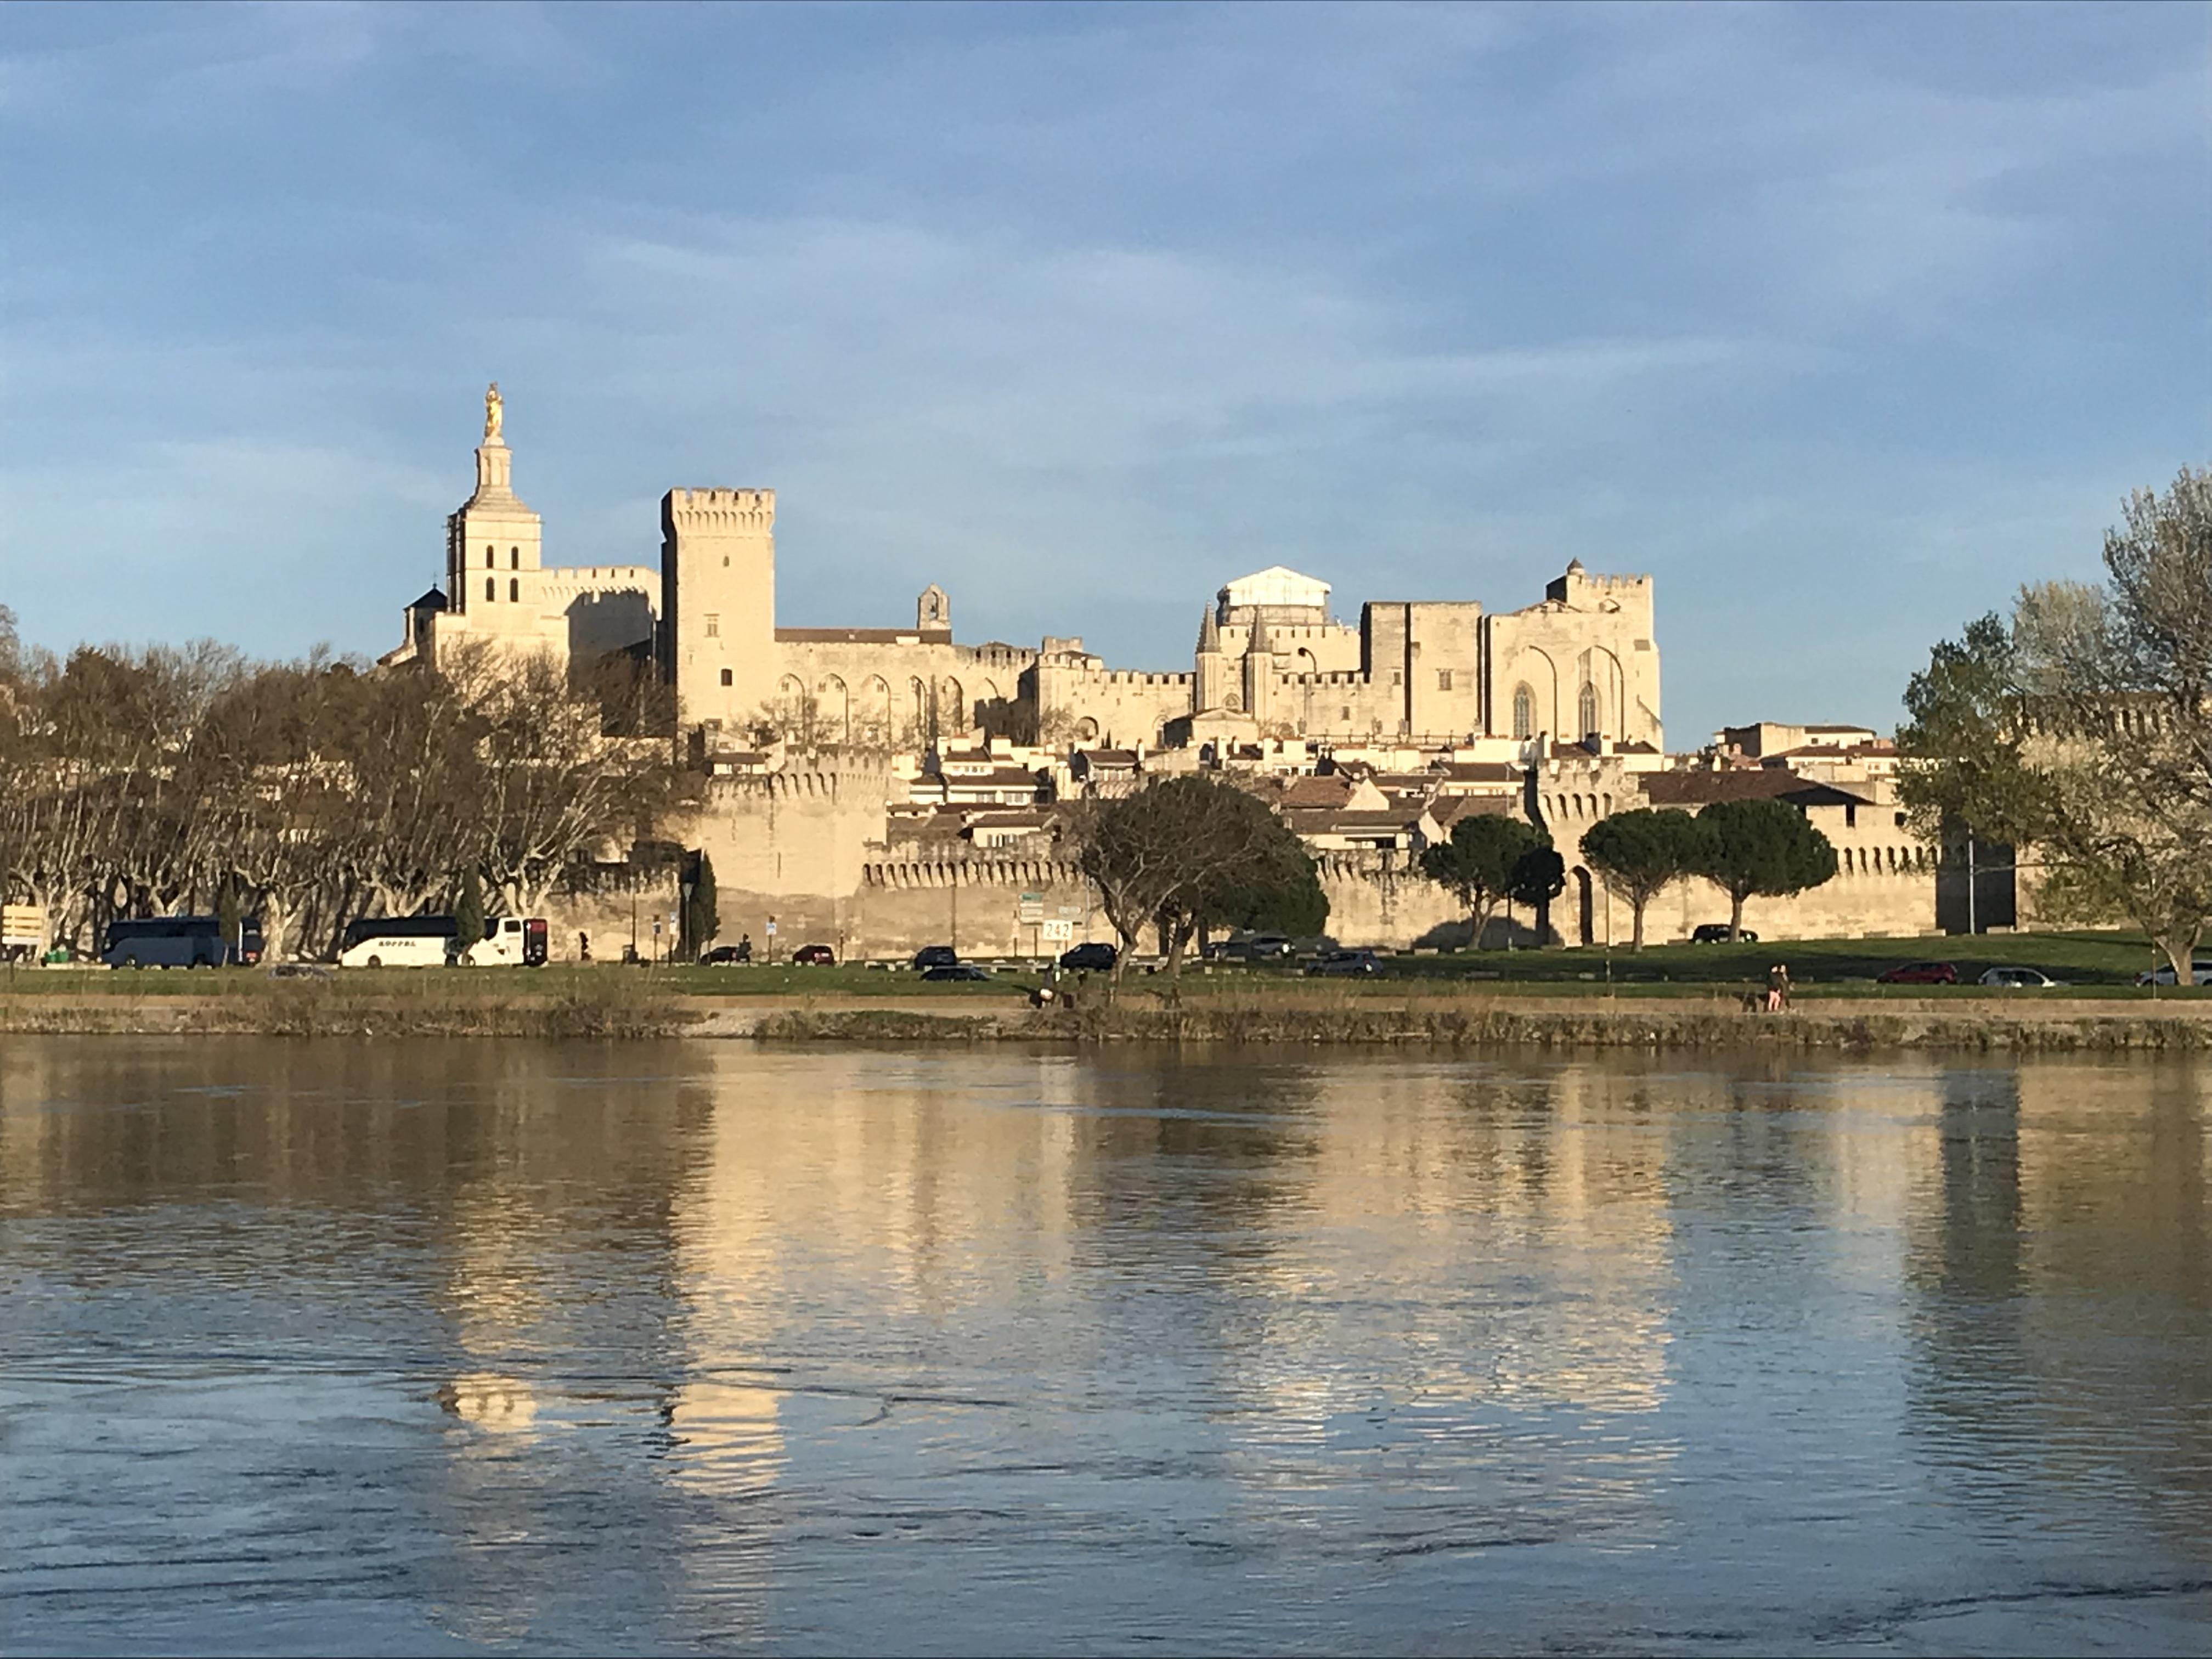 Les 10 choses incontournables à faire à Avignon